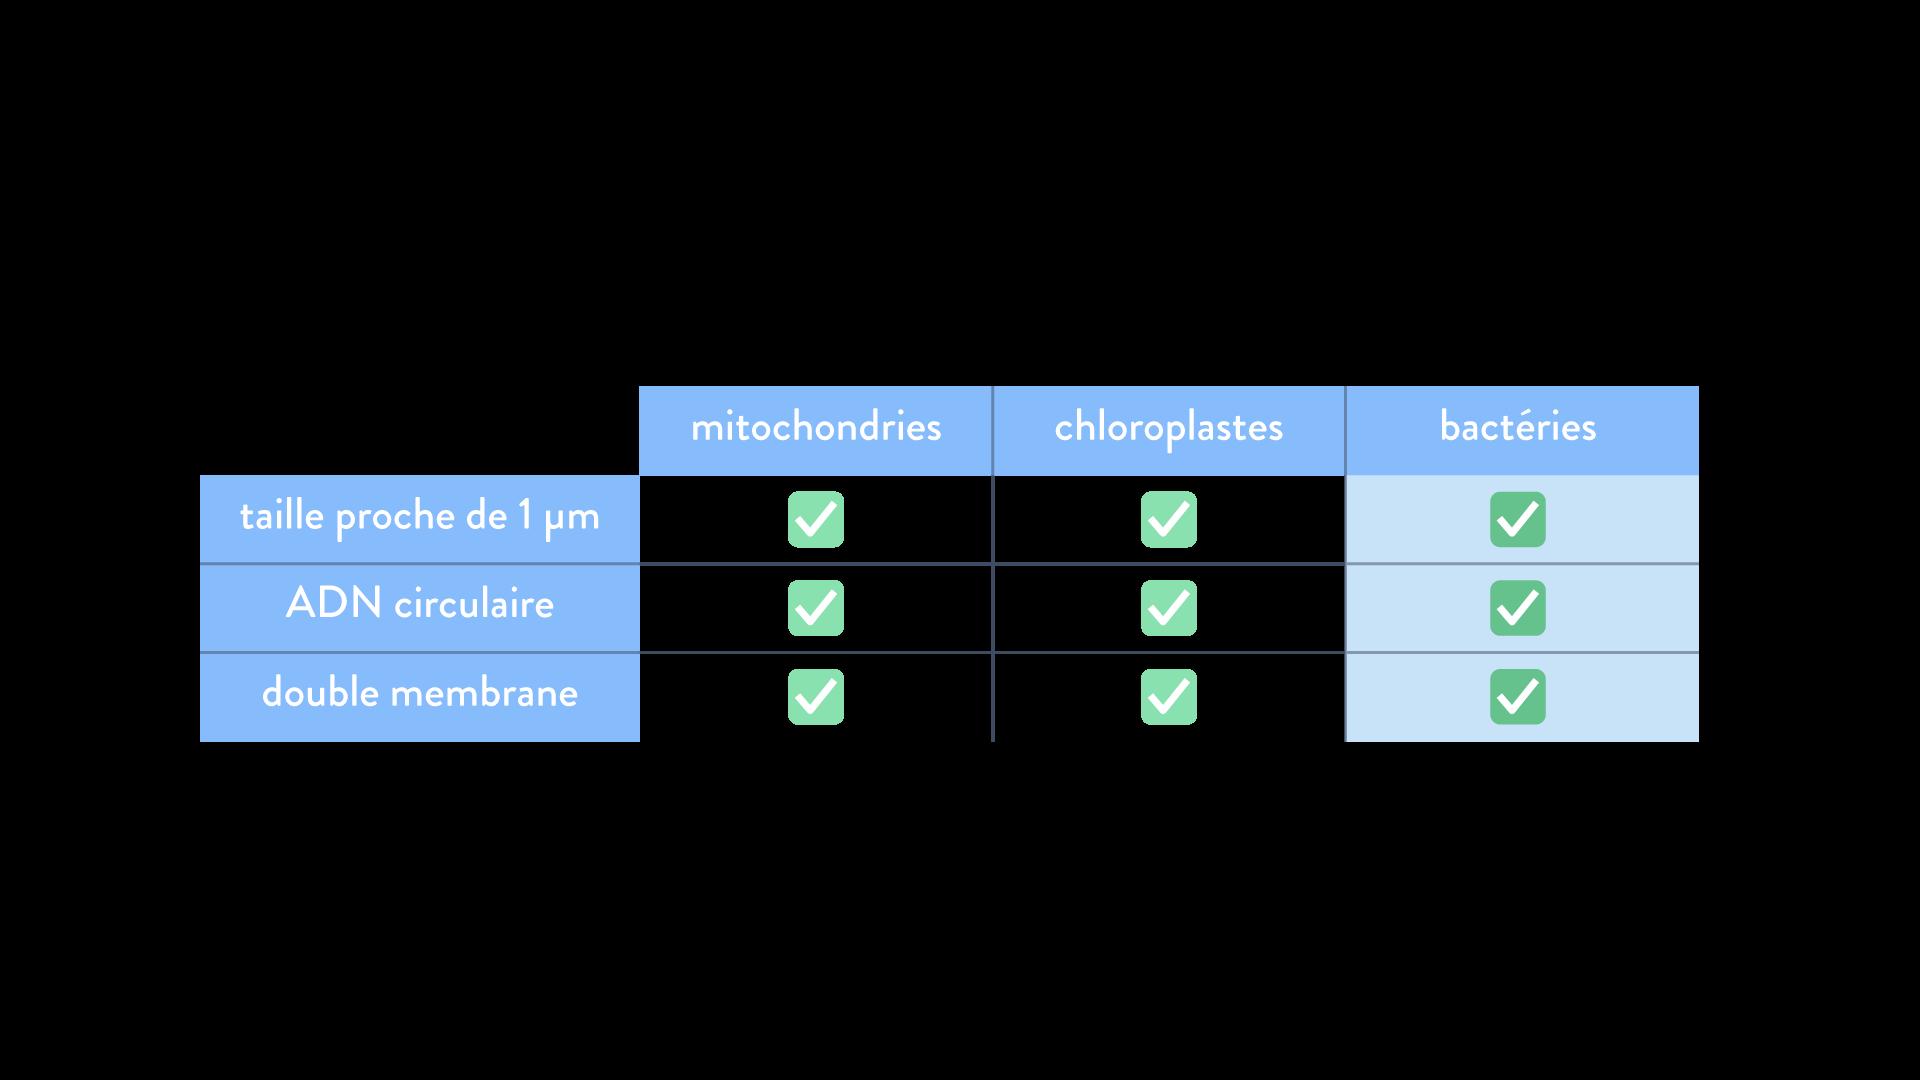 endosymbiose bactérienne bactérie chloroplaste mitochondrie évolution transfert horizontal